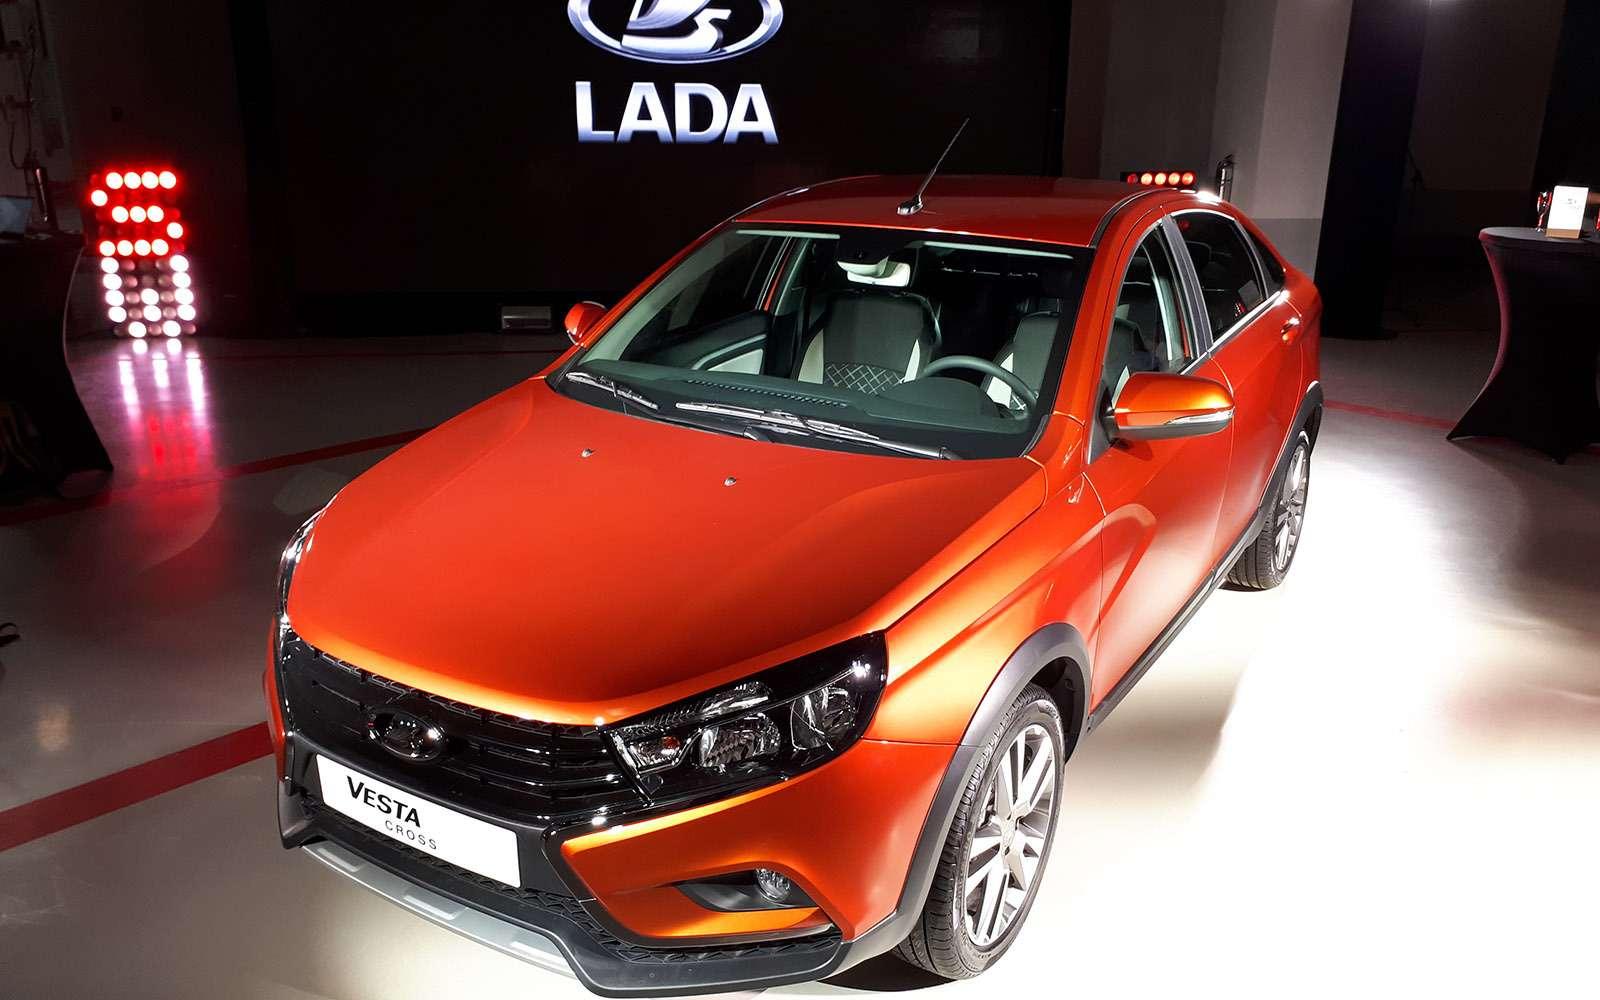 Представлена новая модель Lada. Иэто снова Cross— фото 863336